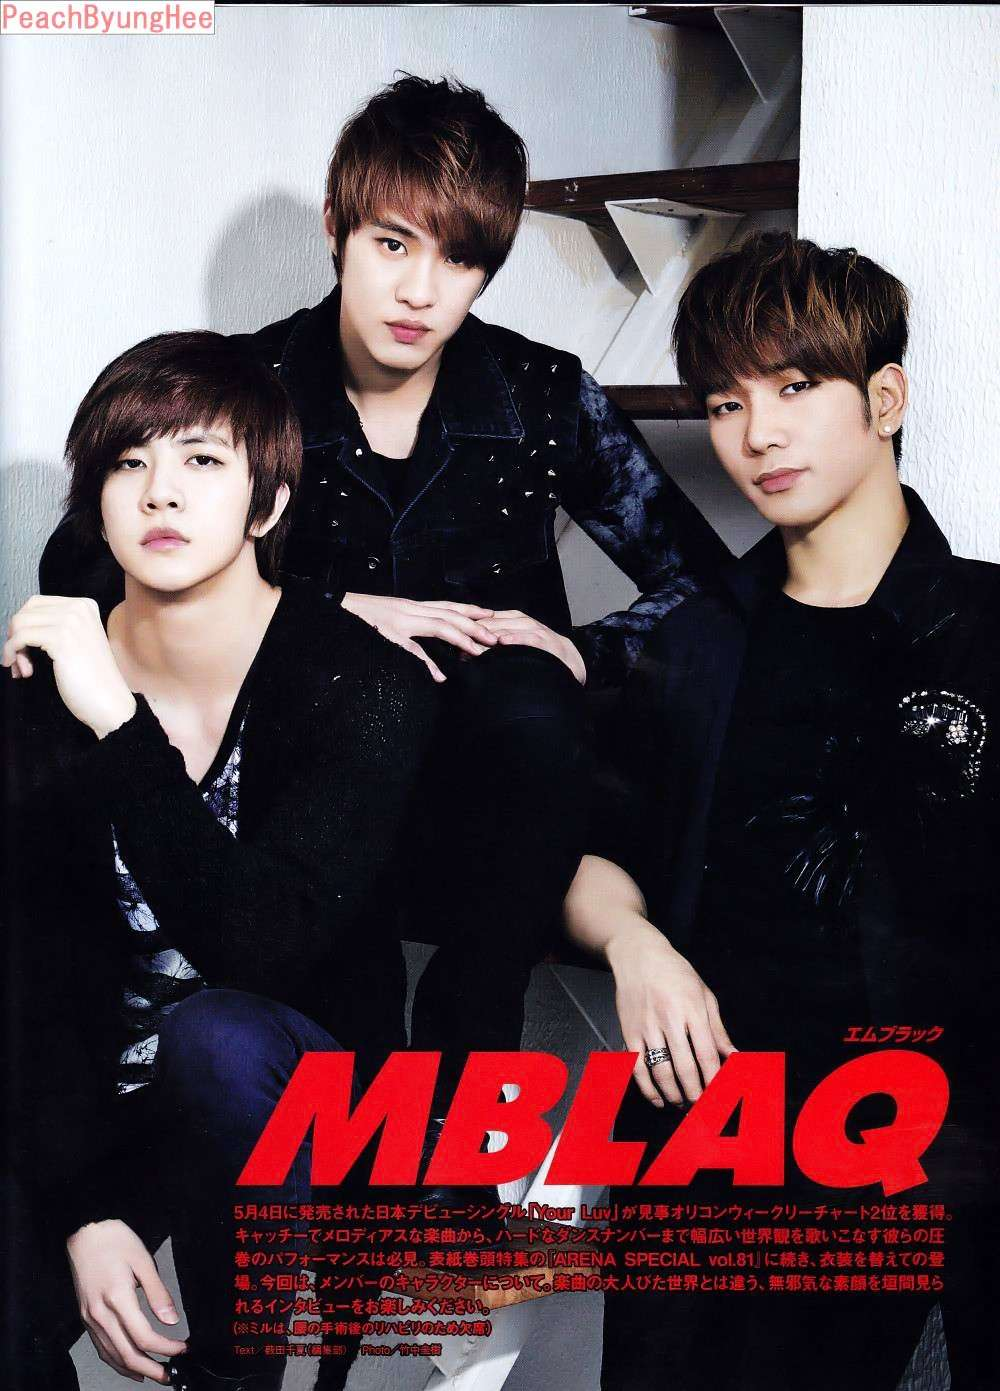 MBLAQ pour ASIAN Place Vol. 1 A0079229